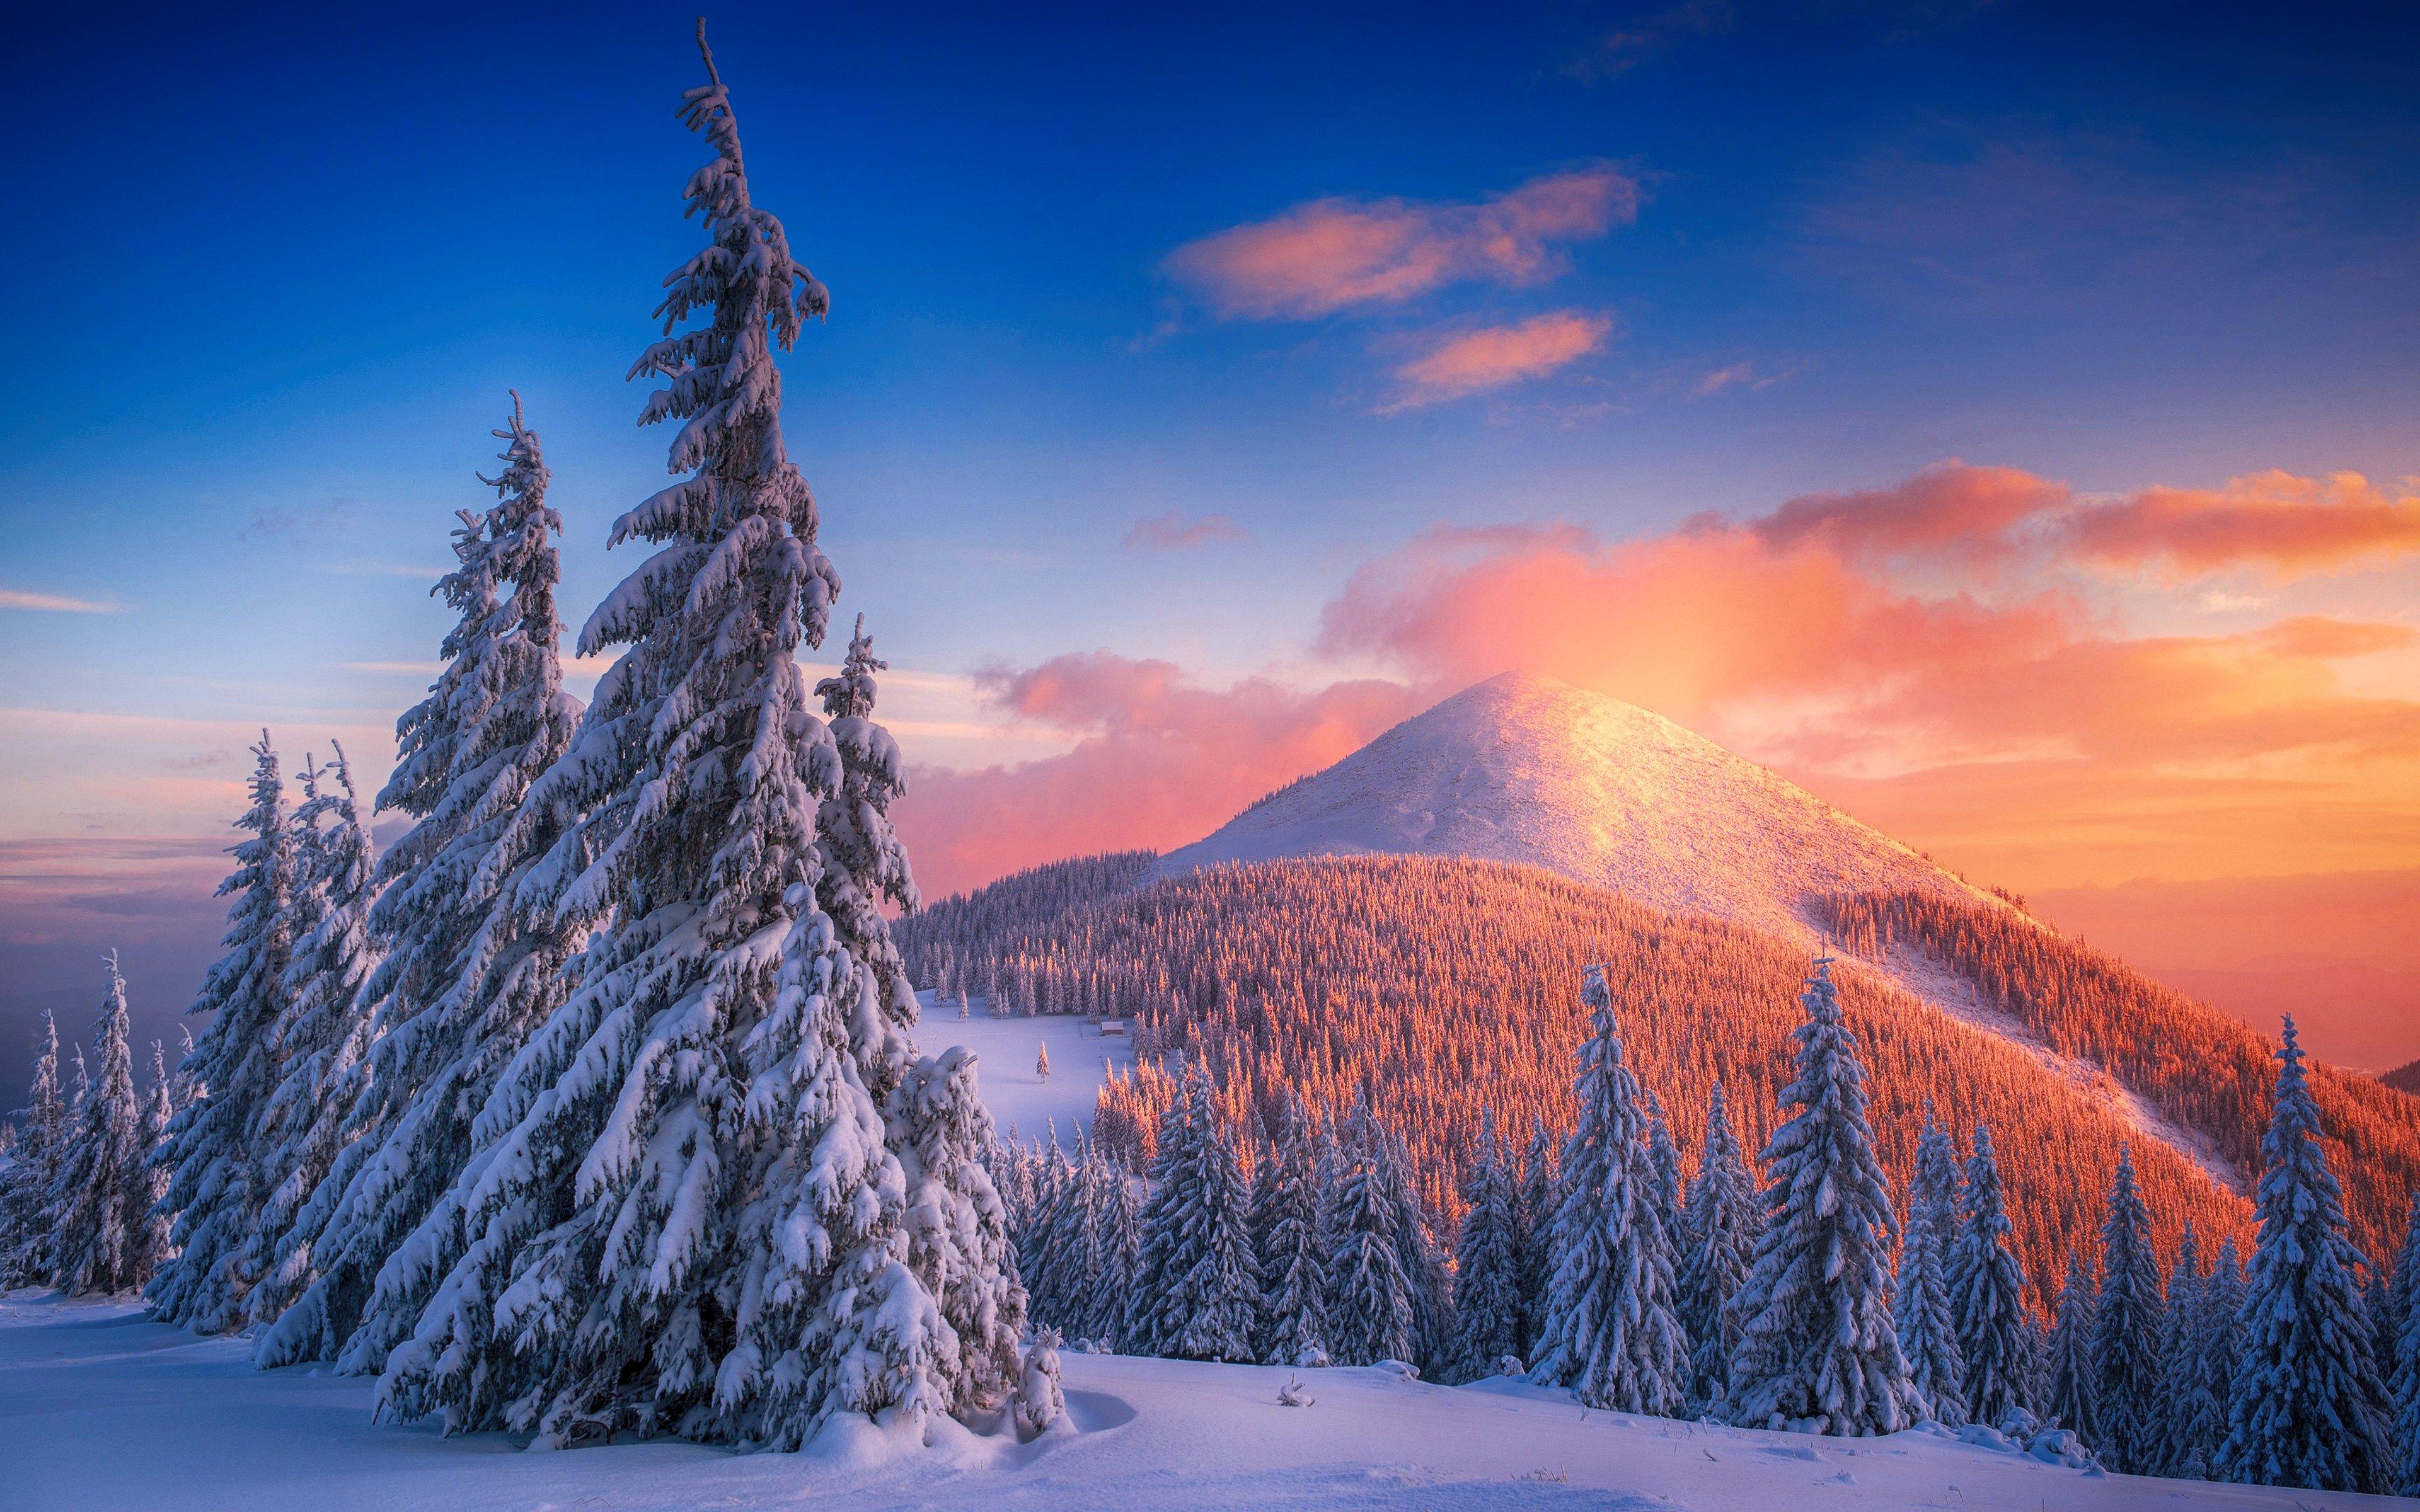 Fondos de pantalla Pinos con nieve al atardecer en las montañas